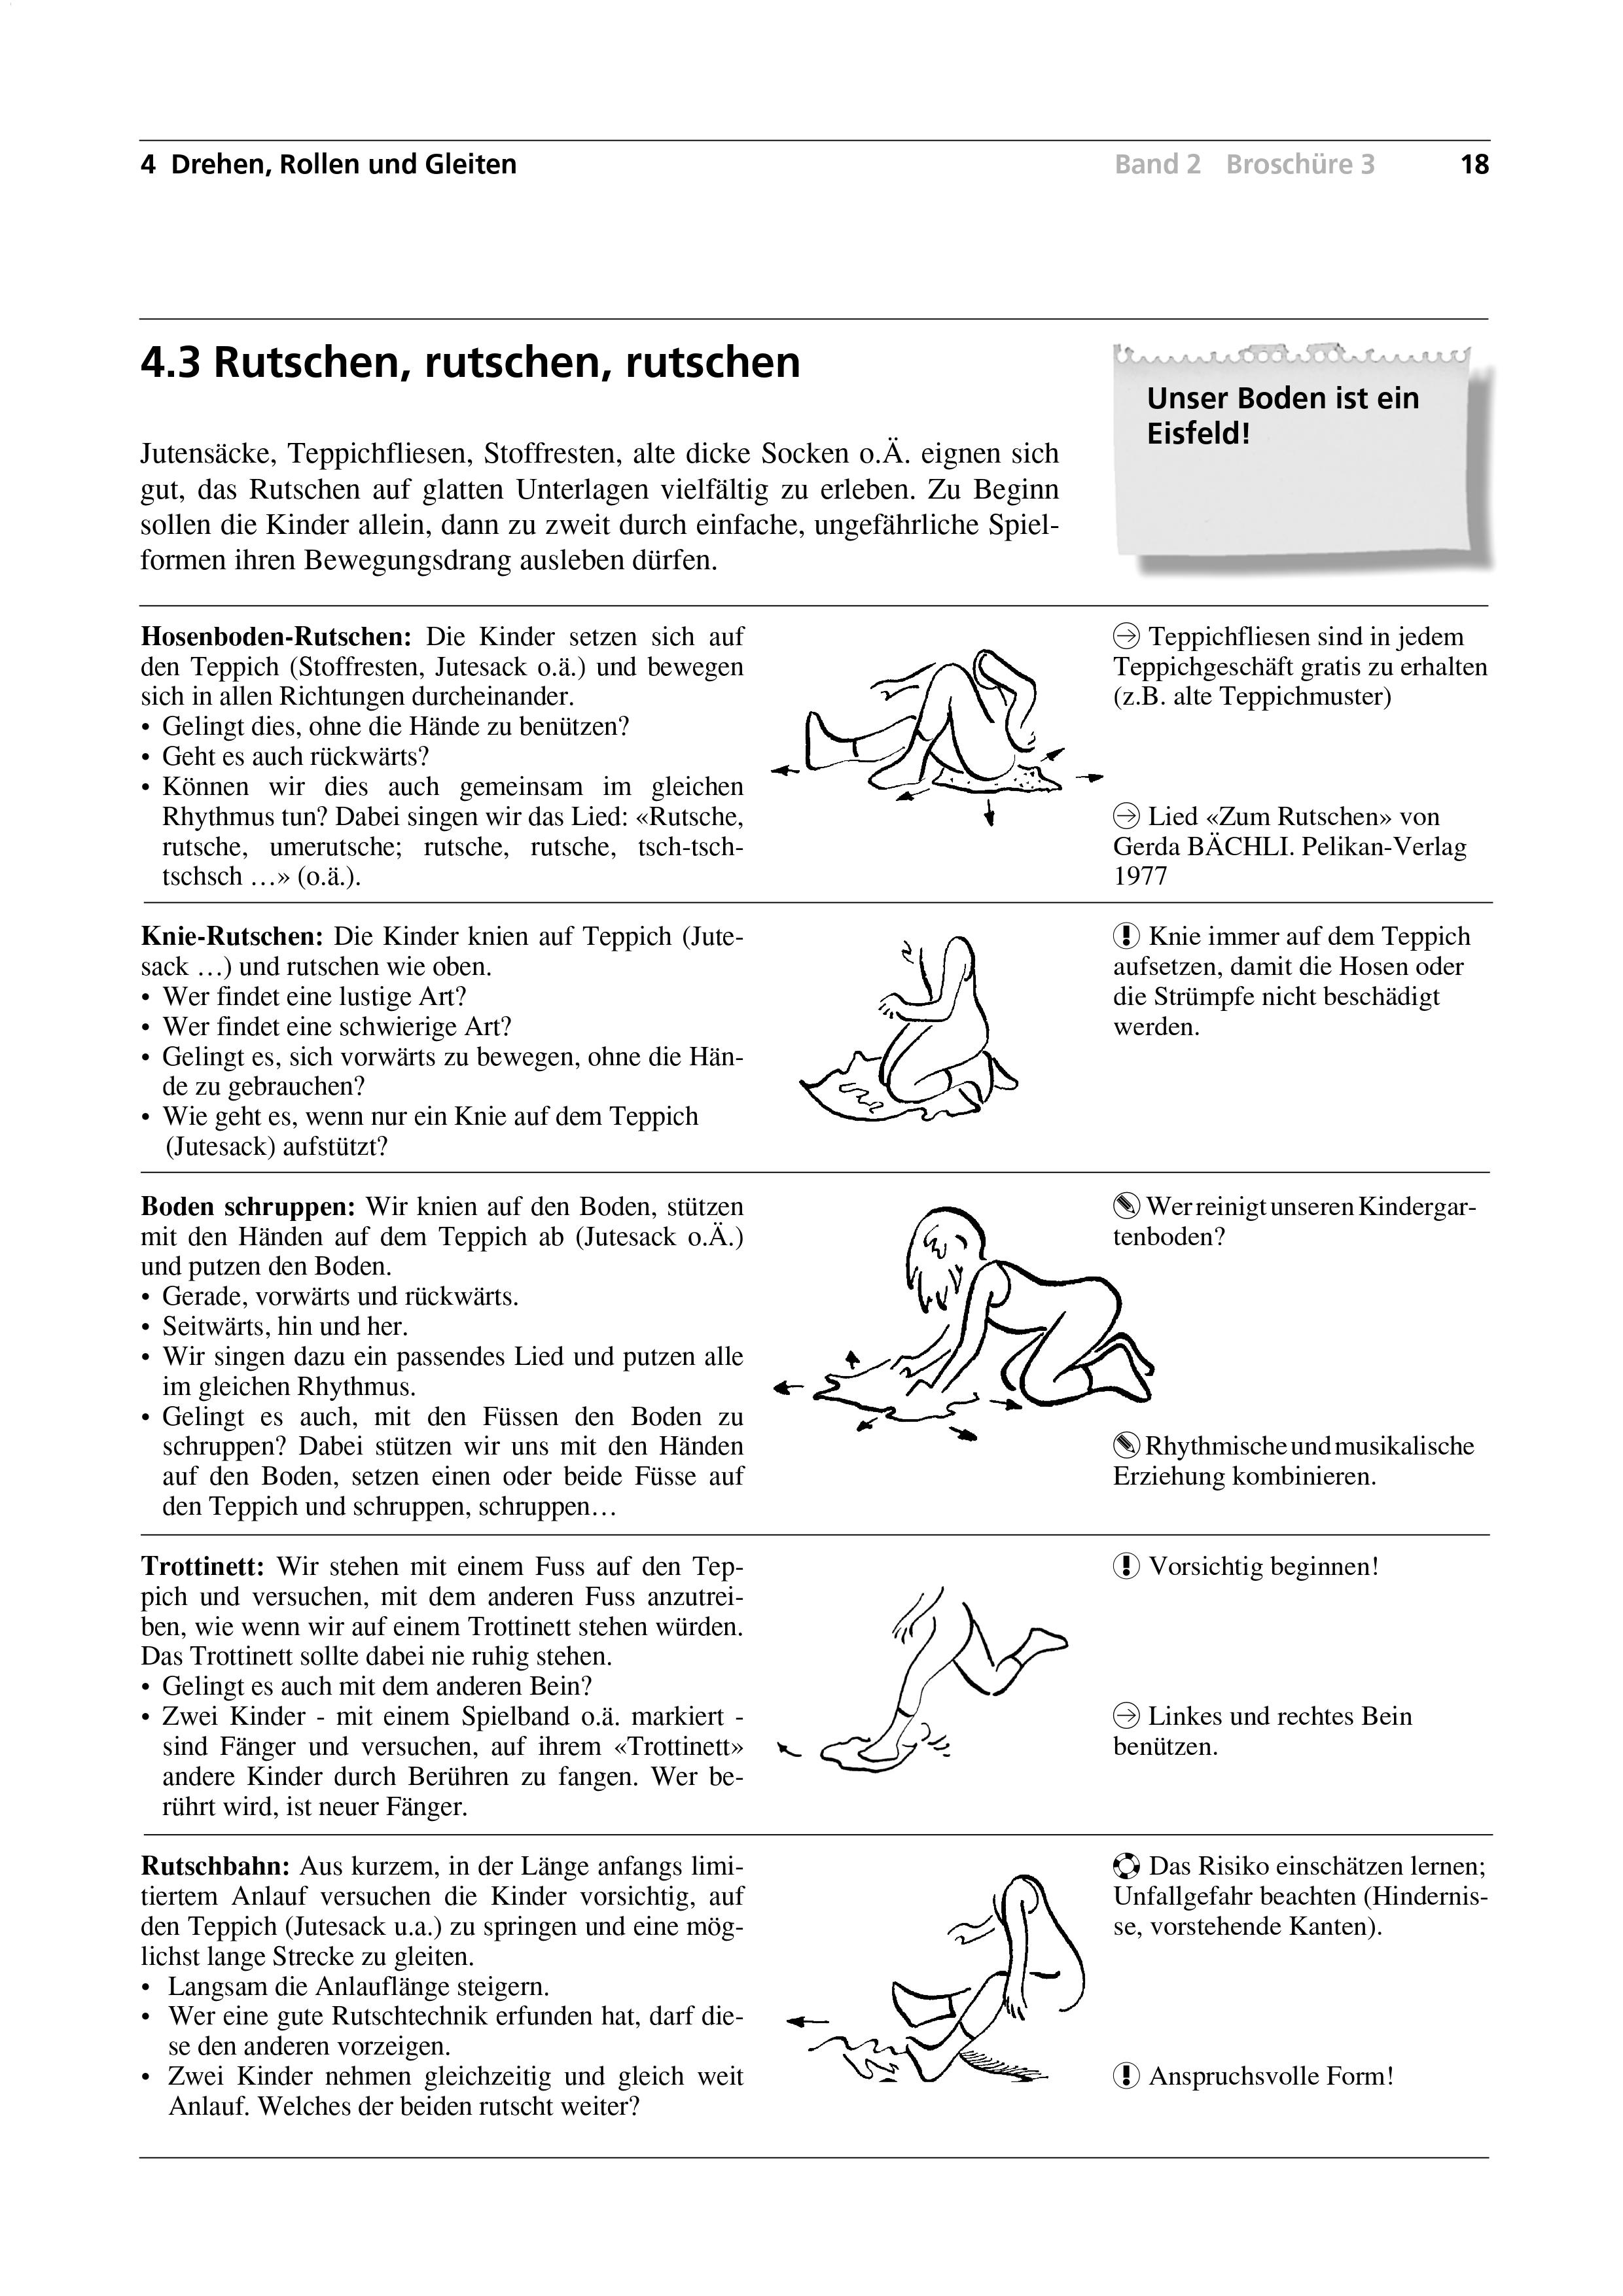 Preview image for LOM object Rutschen, rutschen, rutschen / Ziehen und gezogen werden